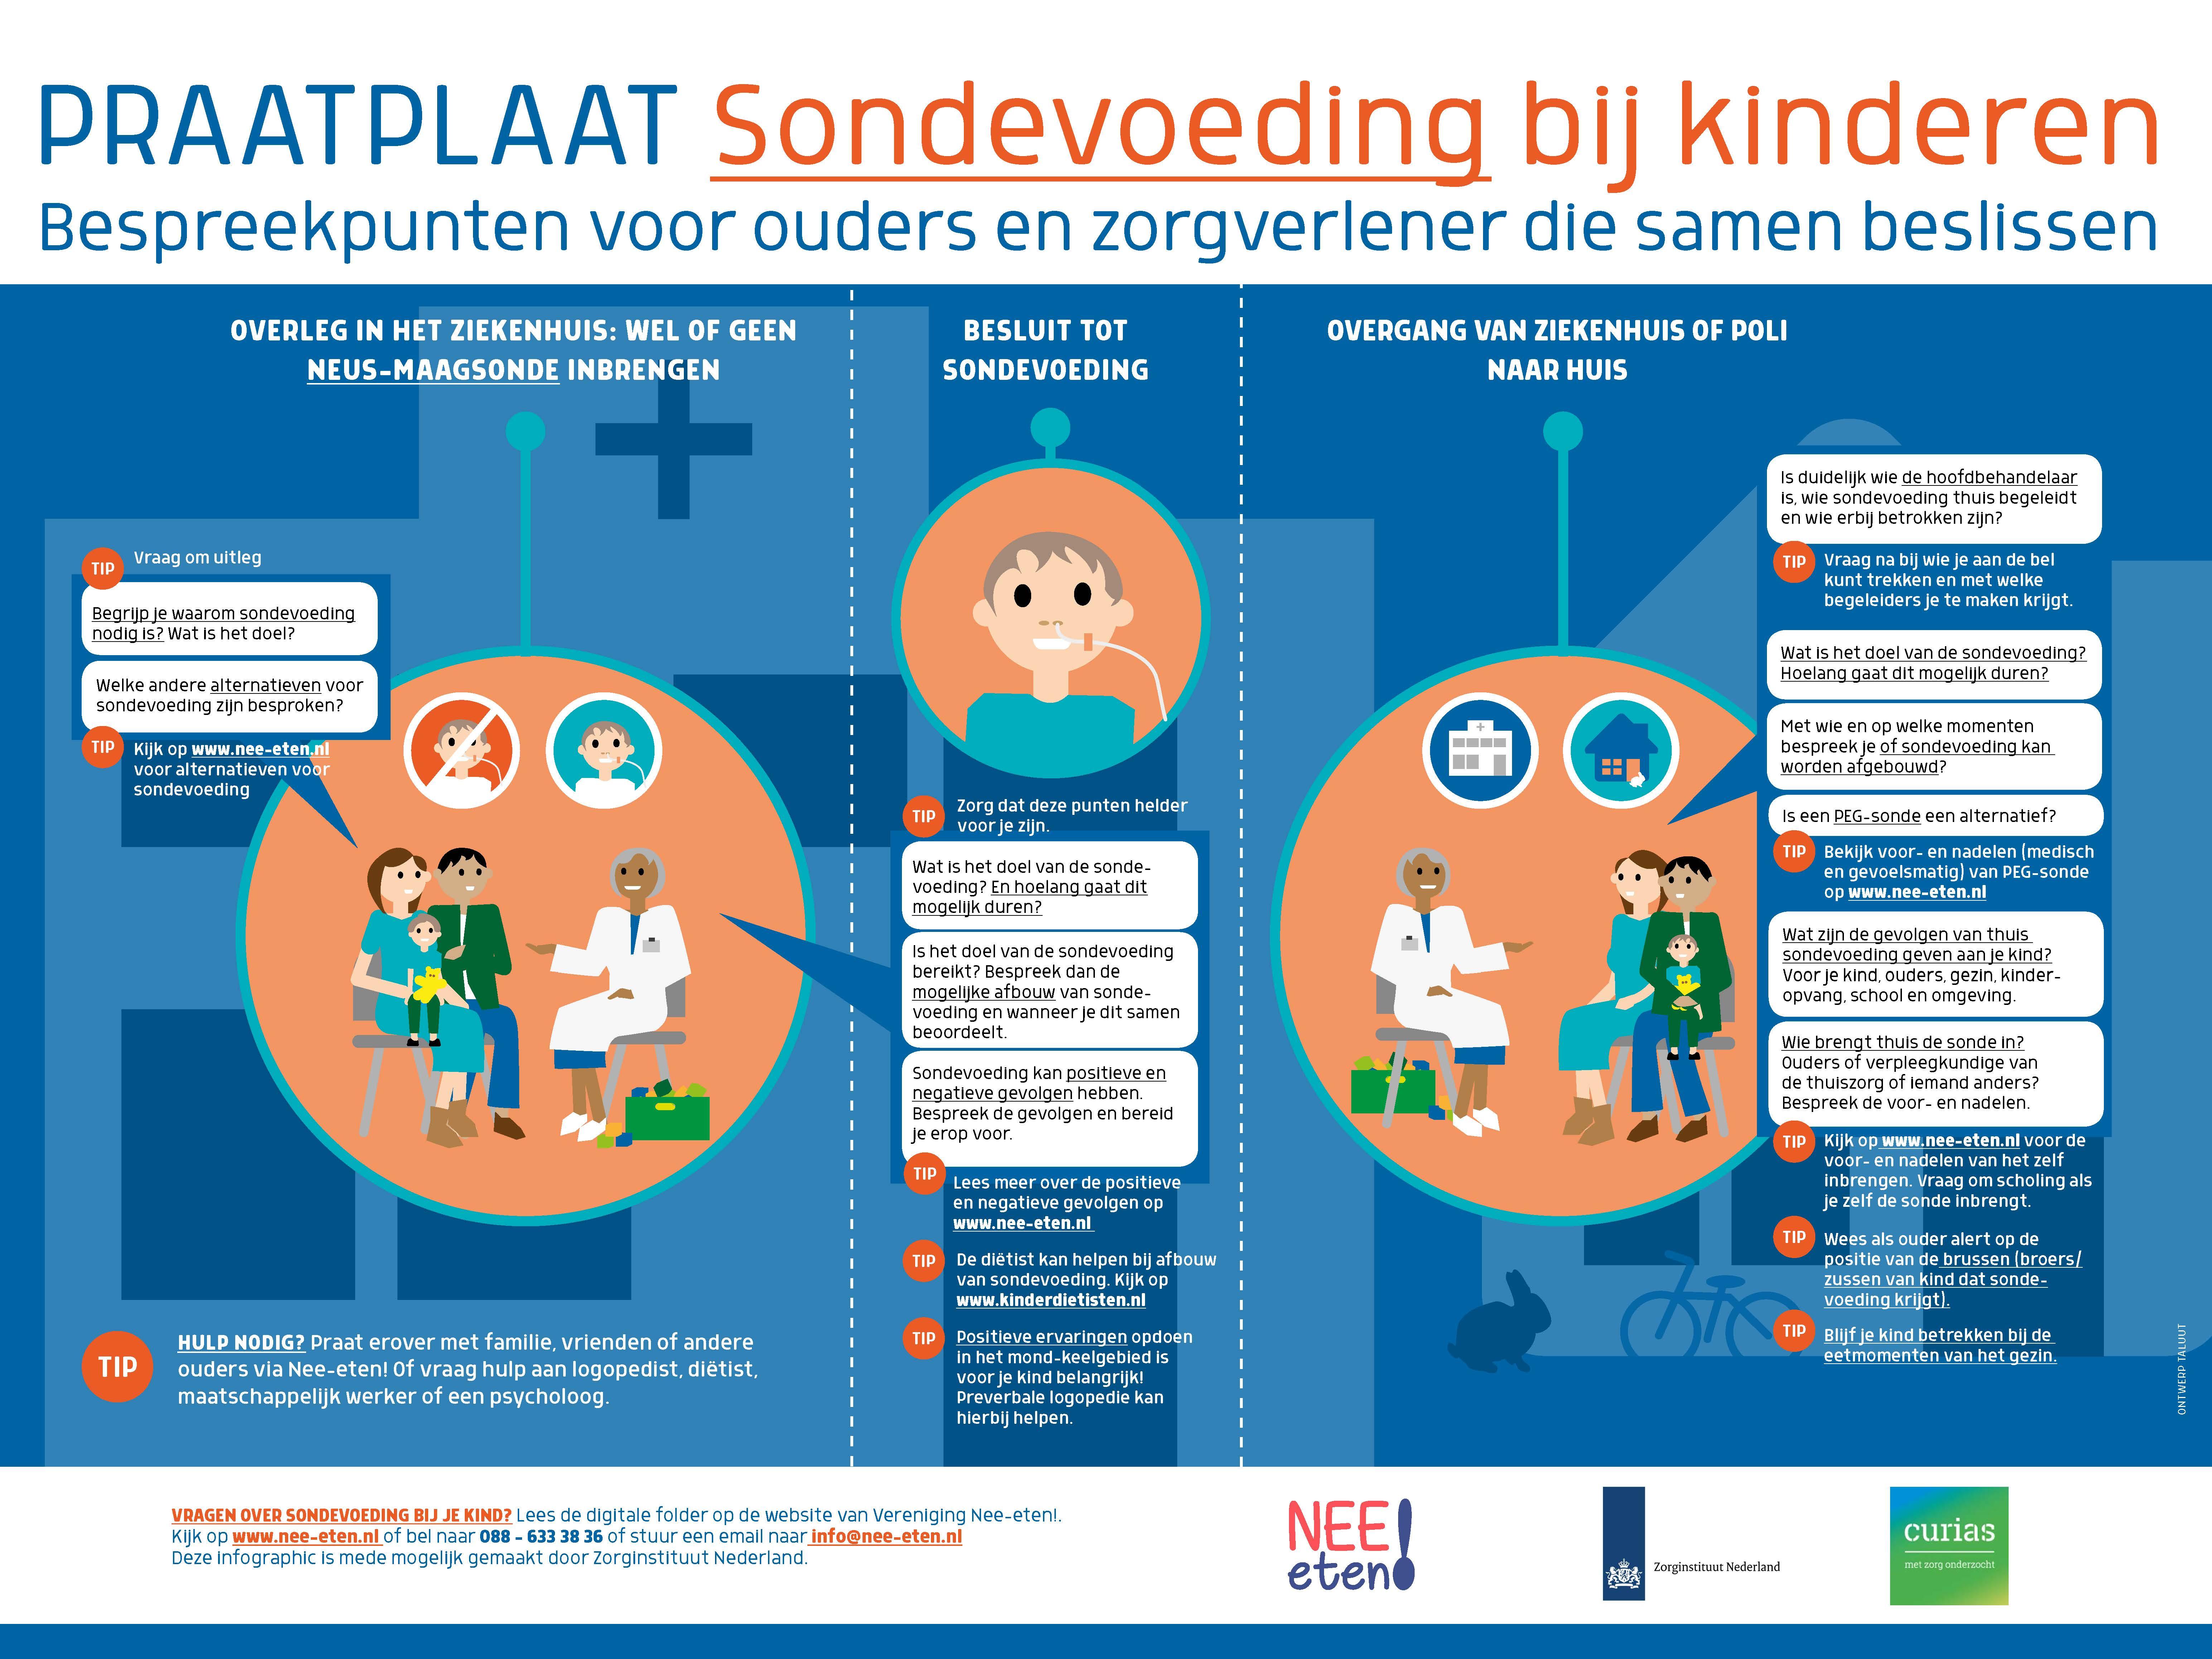 Vereniging Nee-eten! Presenteert Praatplaat 'Sondevoeding Bij Kinderen'